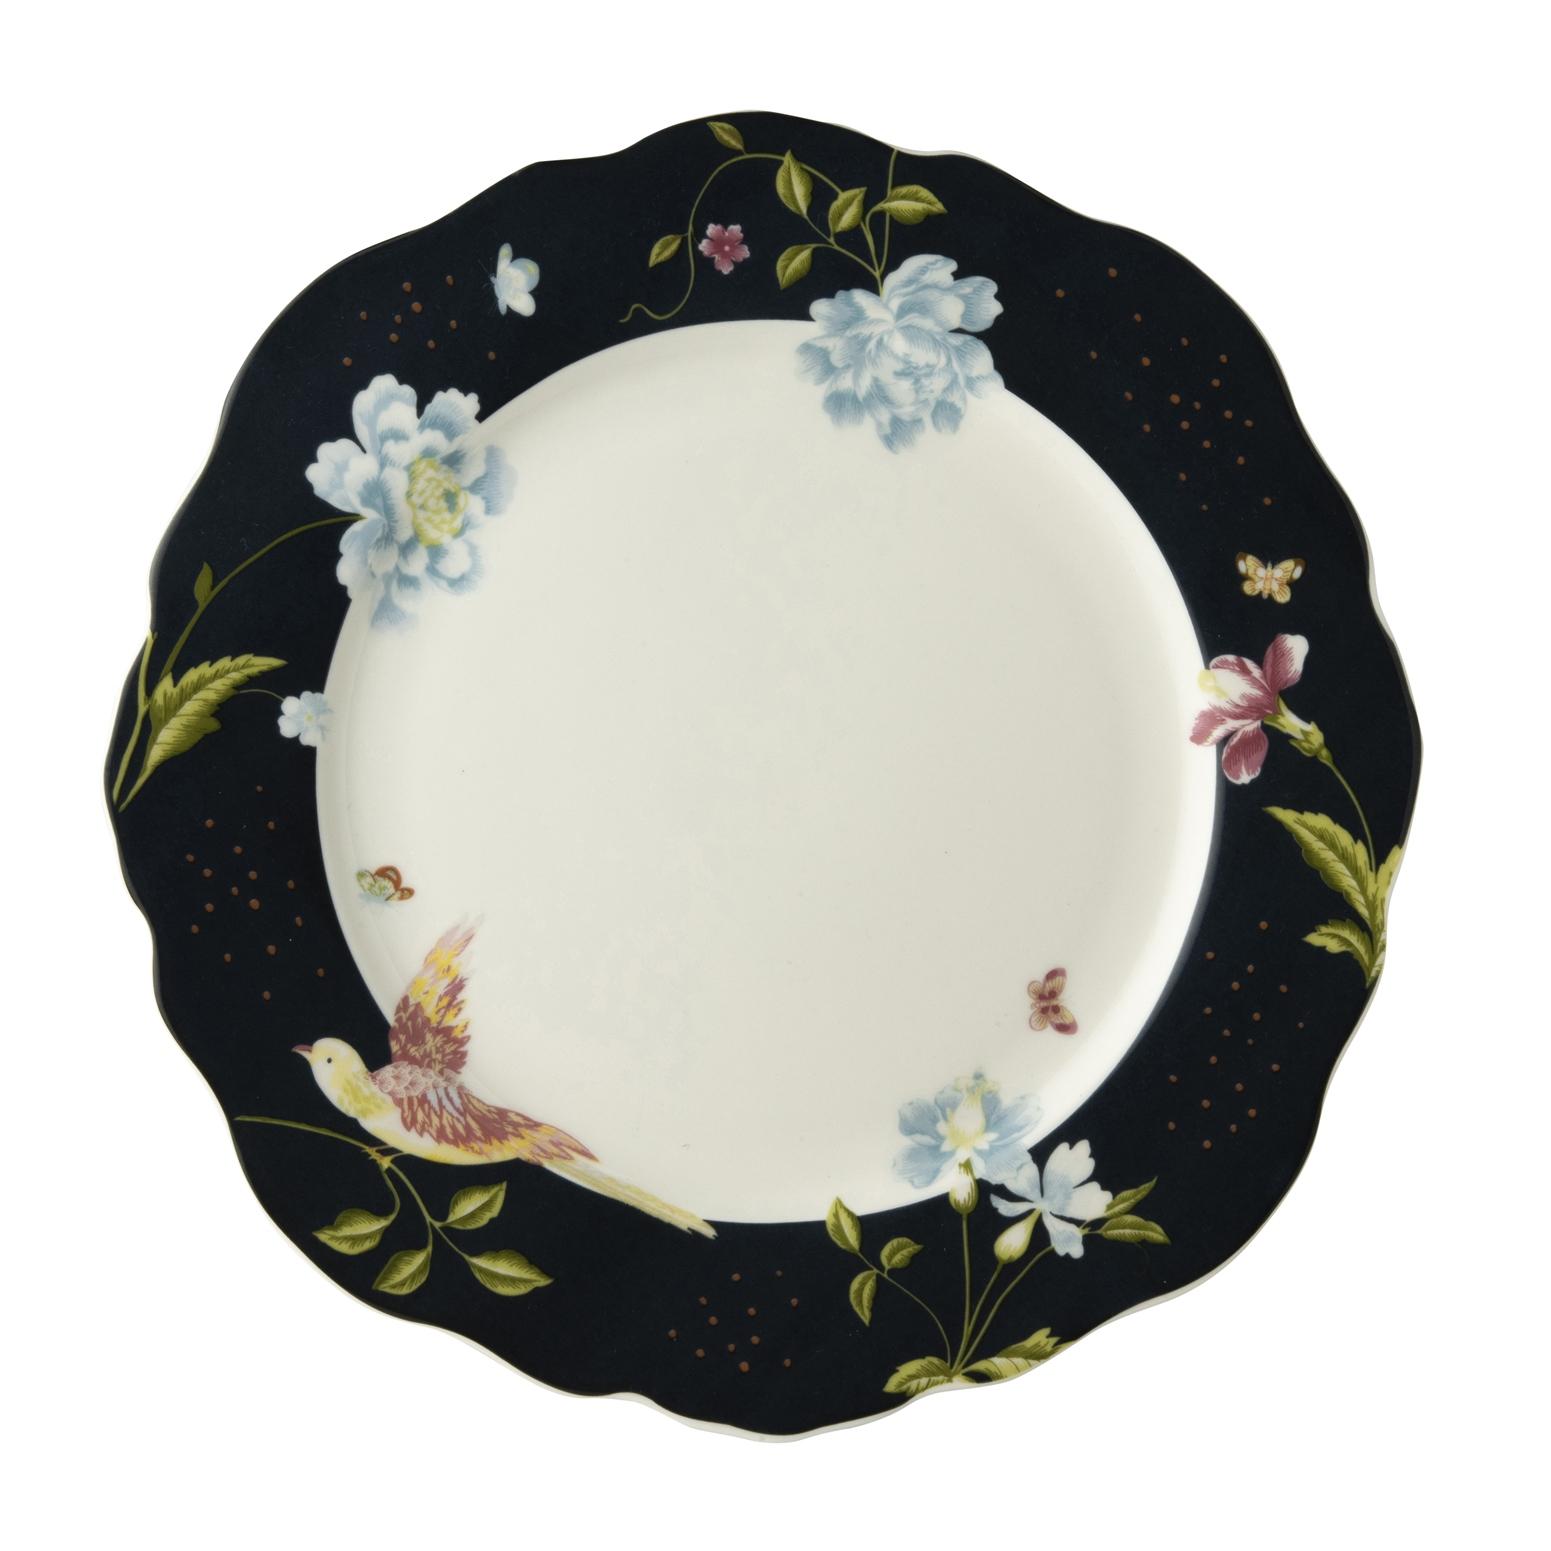 """Онлайн каталог PROMENU: Тарелка основная """"Цветы и птица"""" Laura Ashley HERITAGE, диаметр 24,5 см, темно-синий с цветами                                   180452"""